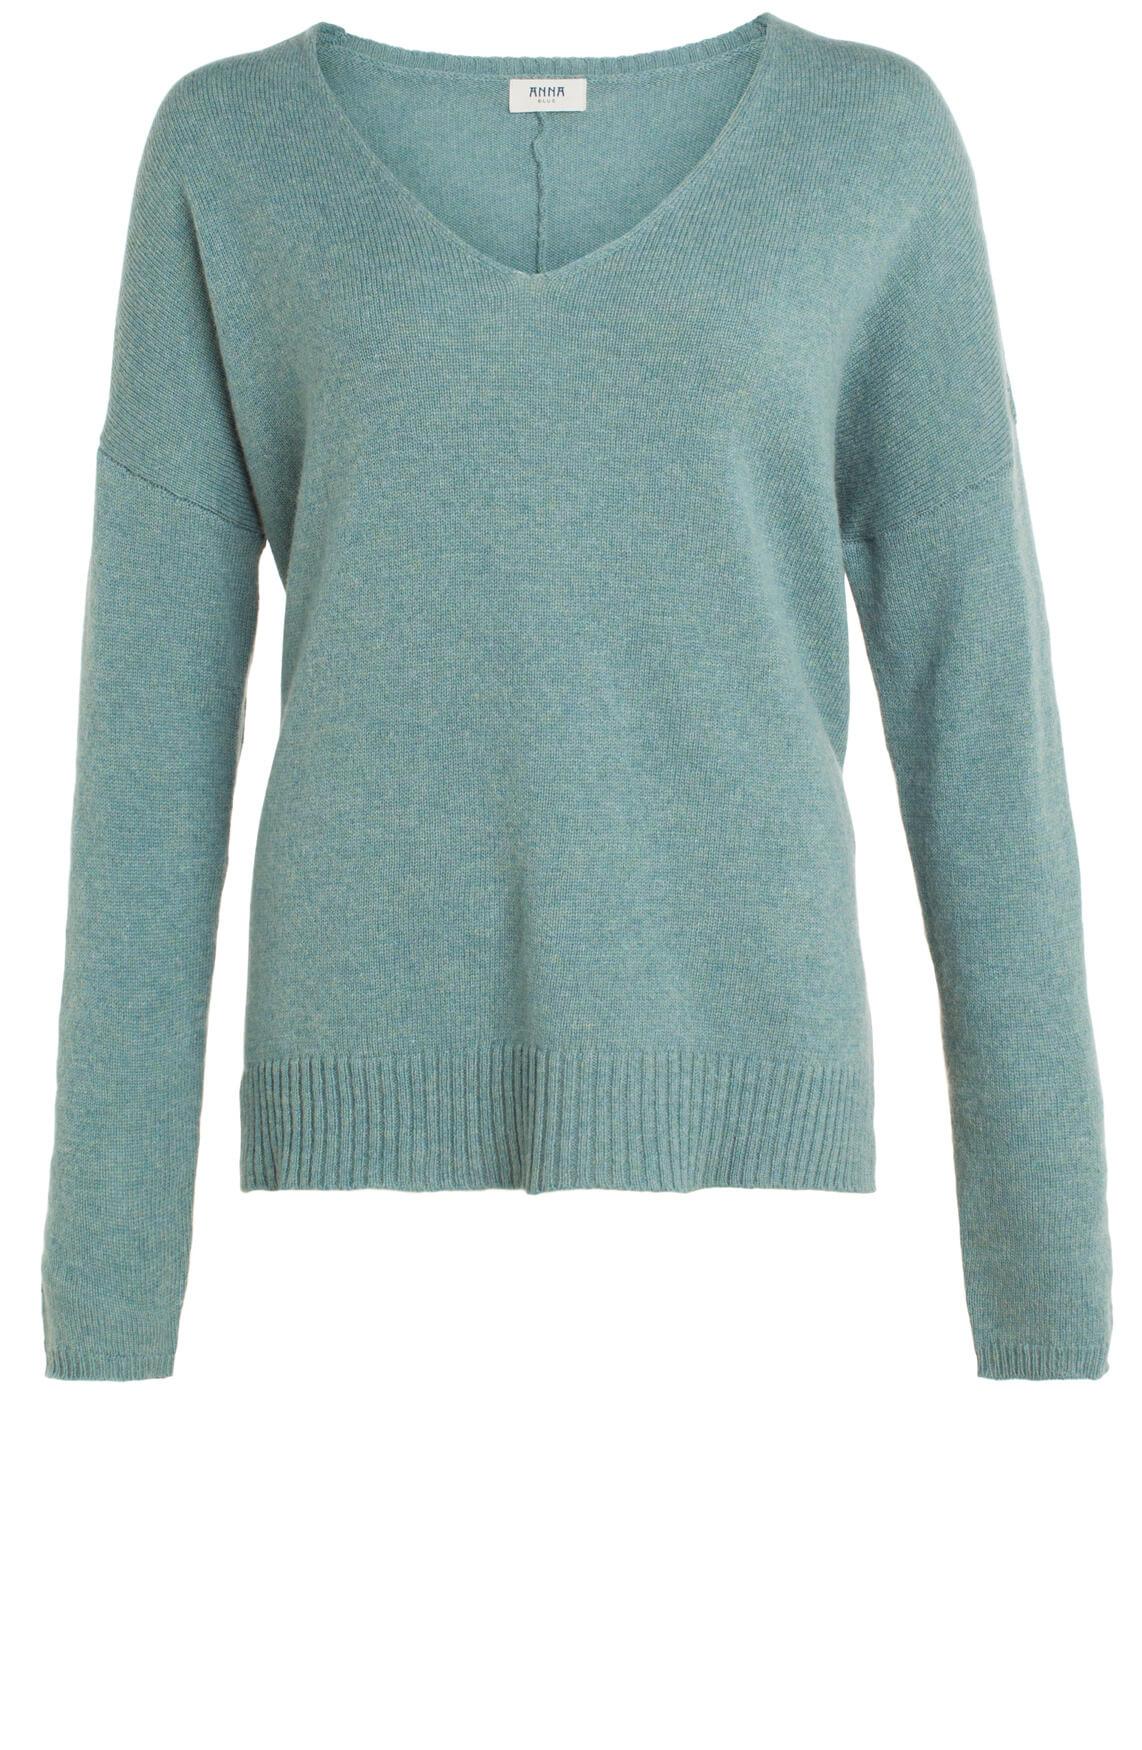 Anna Blue Dames Gemêleerde pullover groen